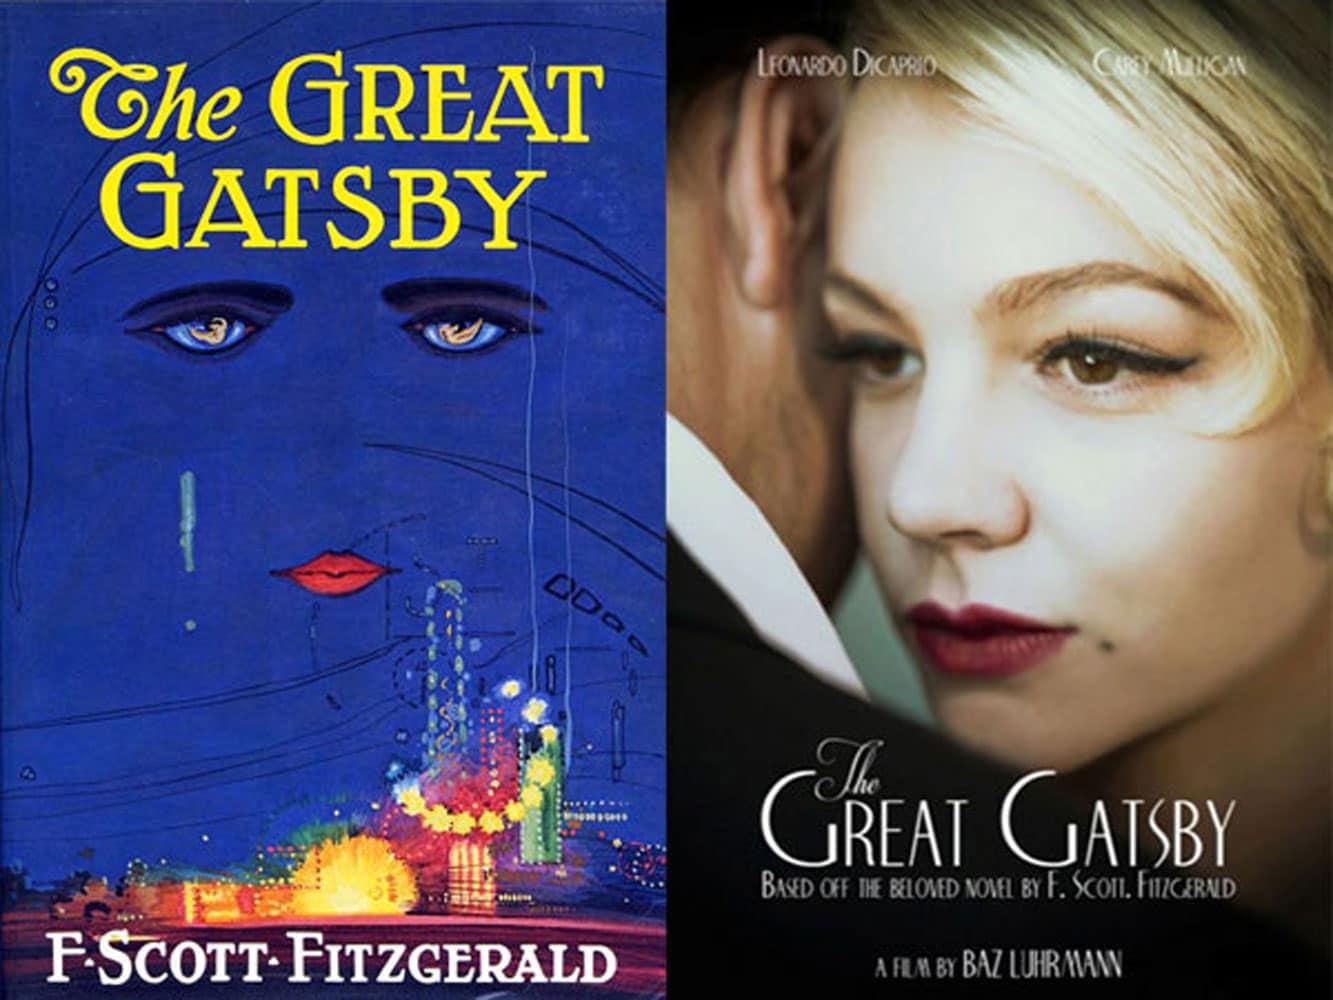 Seconda prova inglese: traduzione Il Grande Gatsby Maturità 2013 |  Studenti.it